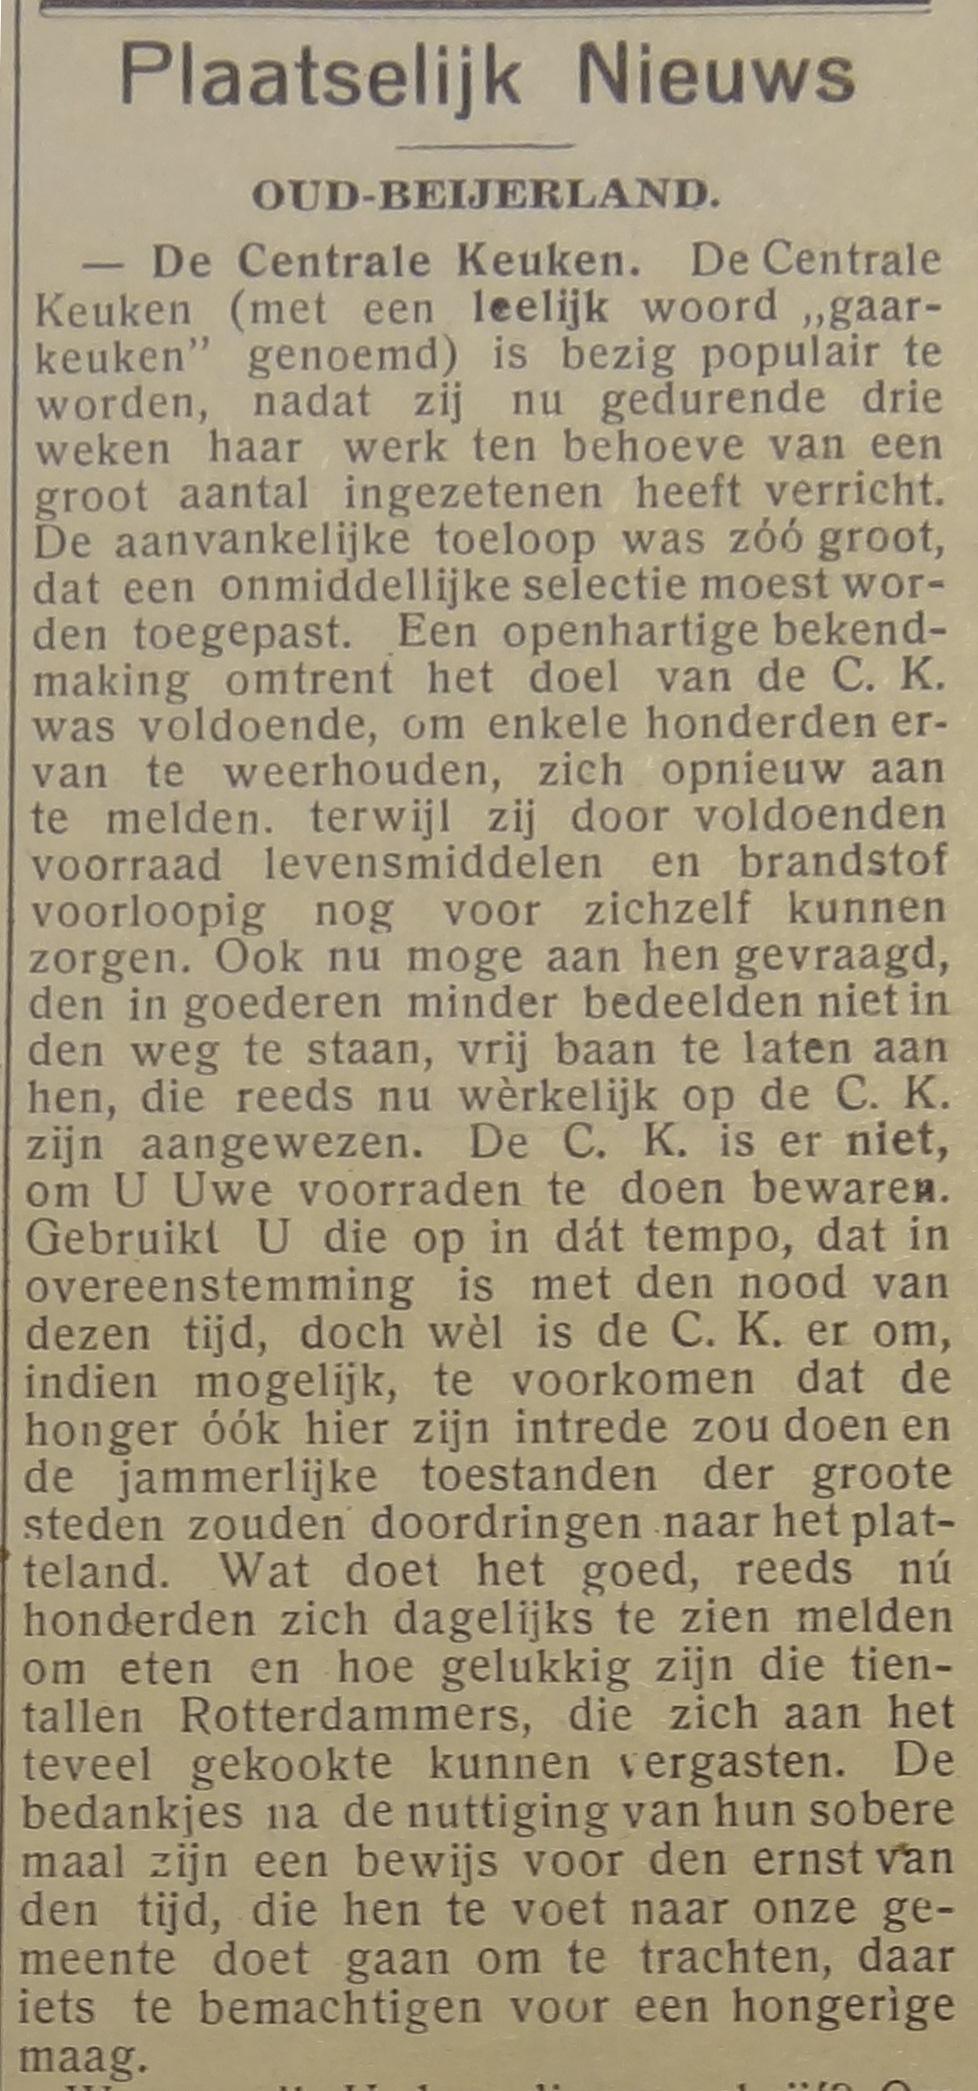 oud-beijerland-gaarkeuken-februari1942-01